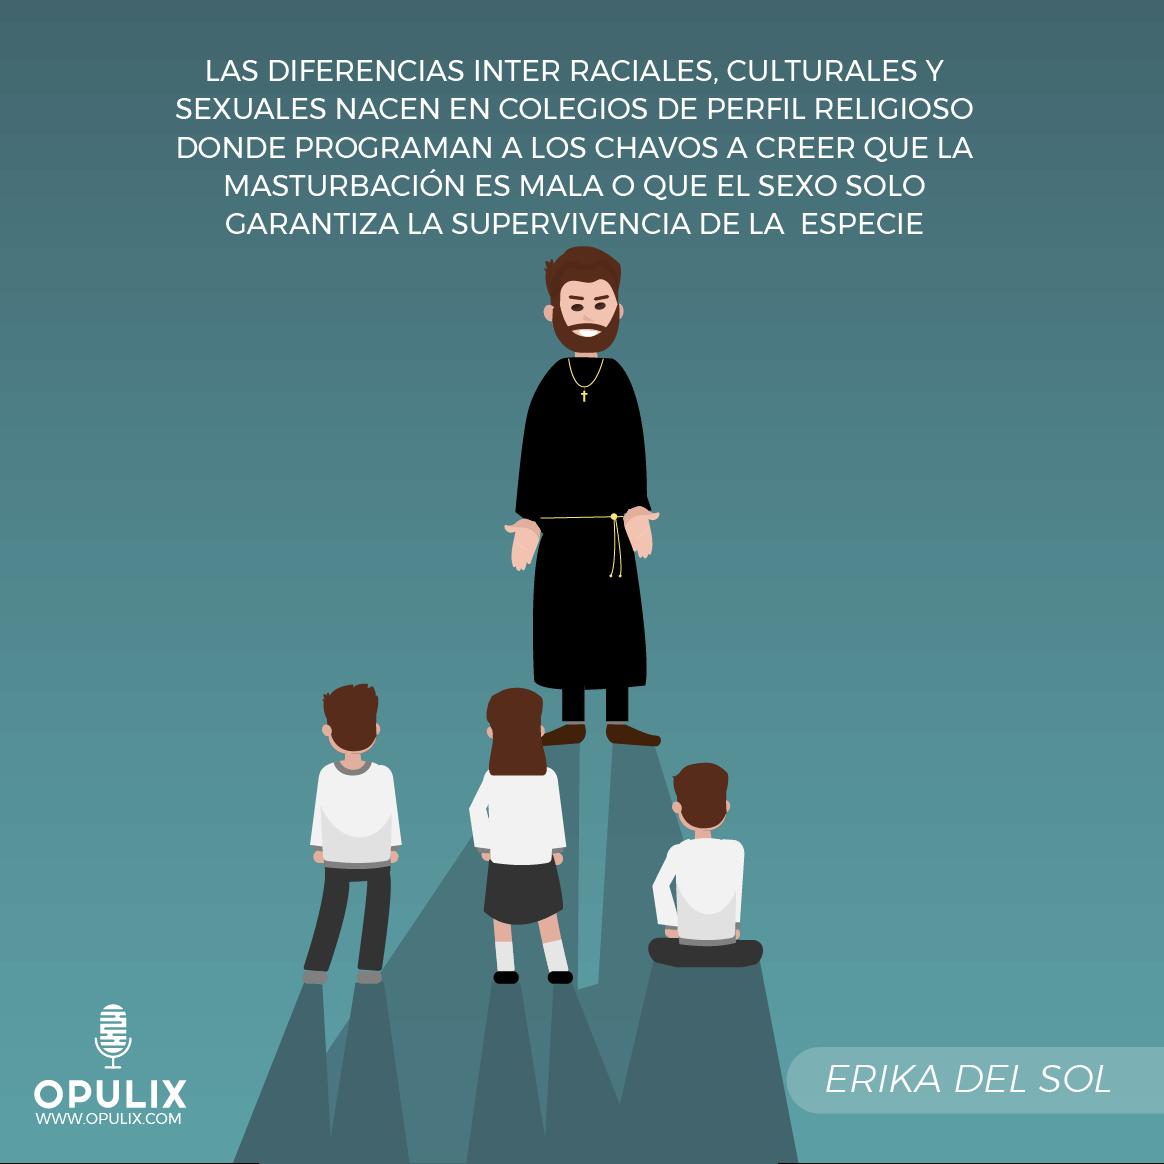 las diferencias inter raciales, culturales y sexuales nacen en colegios de perfil religioso...